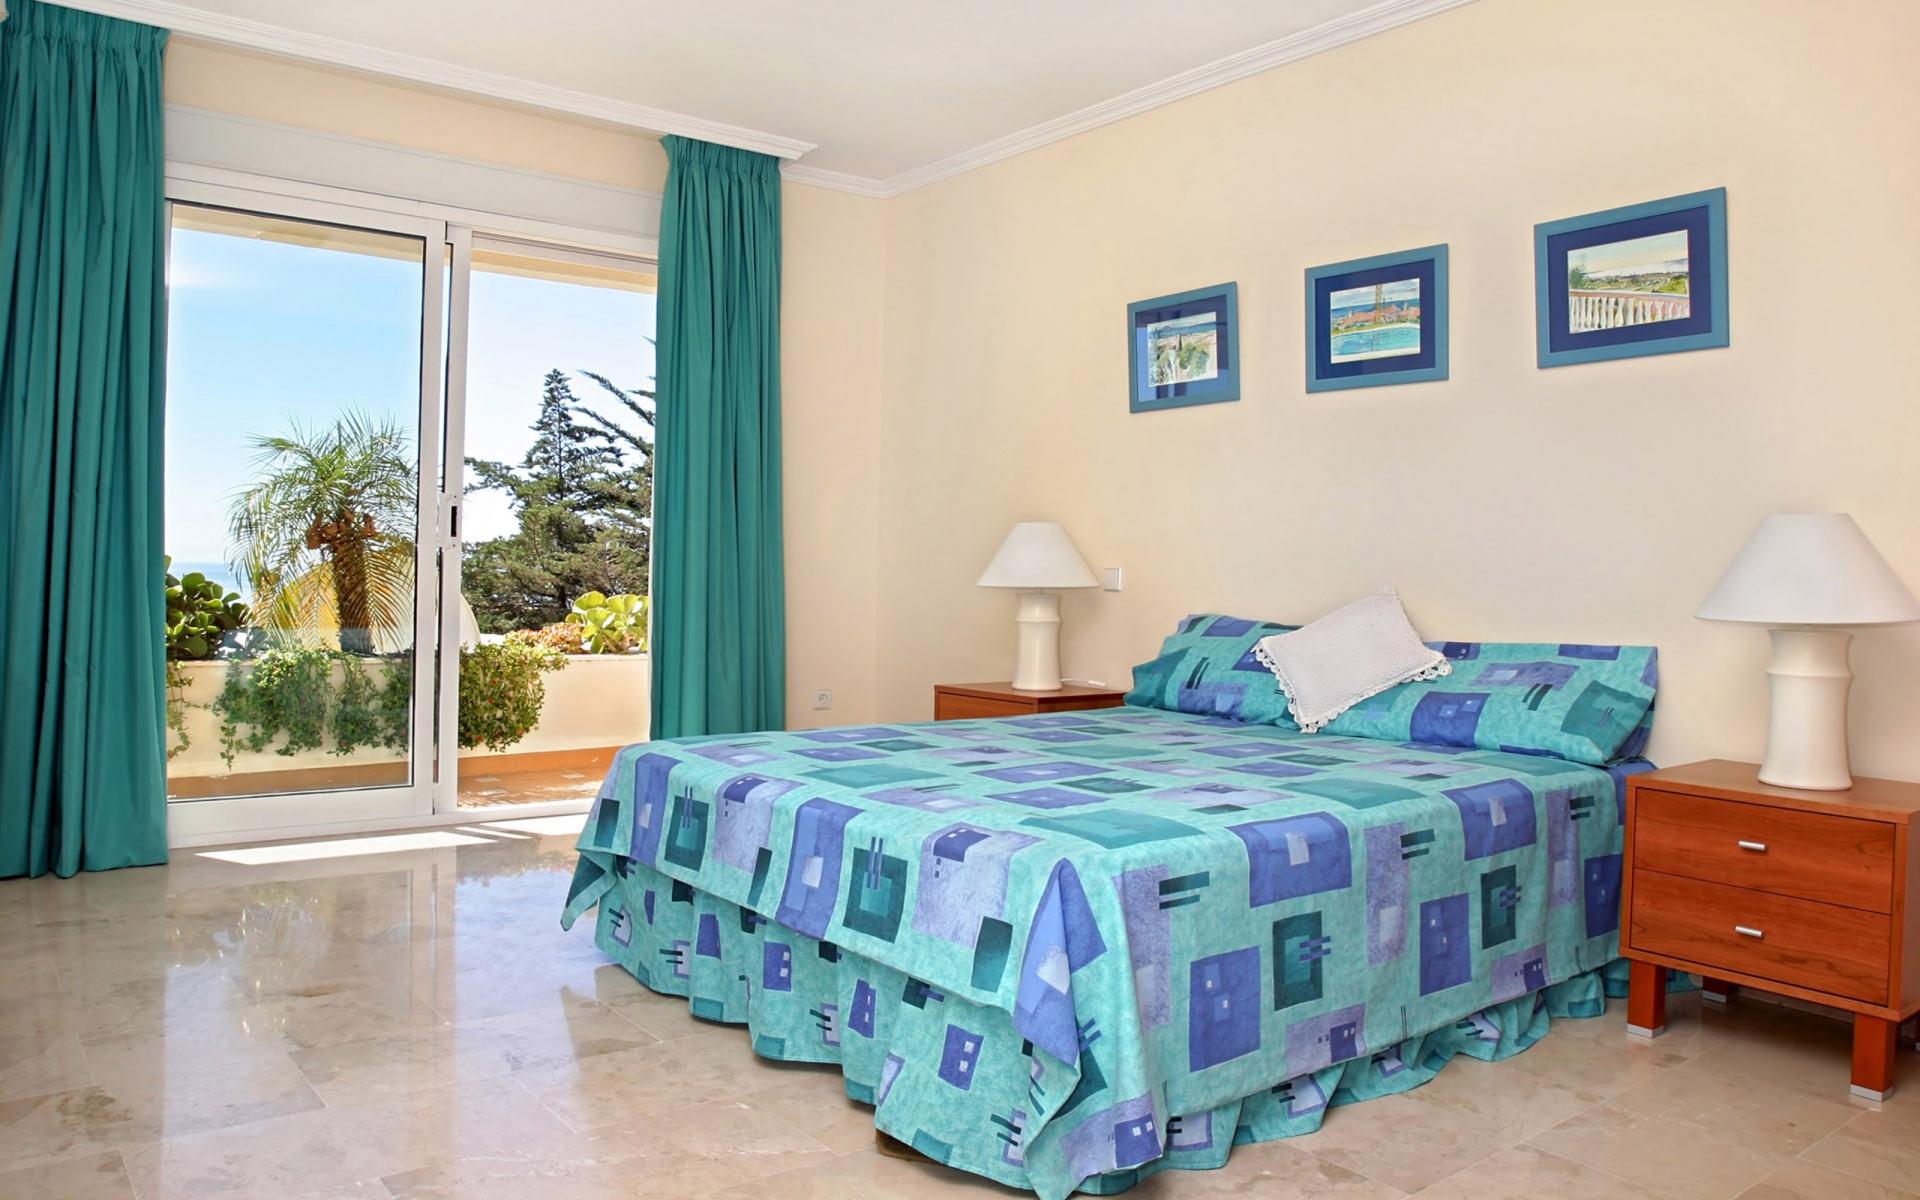 Картинки Лампа, живопись, дизайн, интерьер, спальня, кабинет, окно фото и обои на рабочий стол